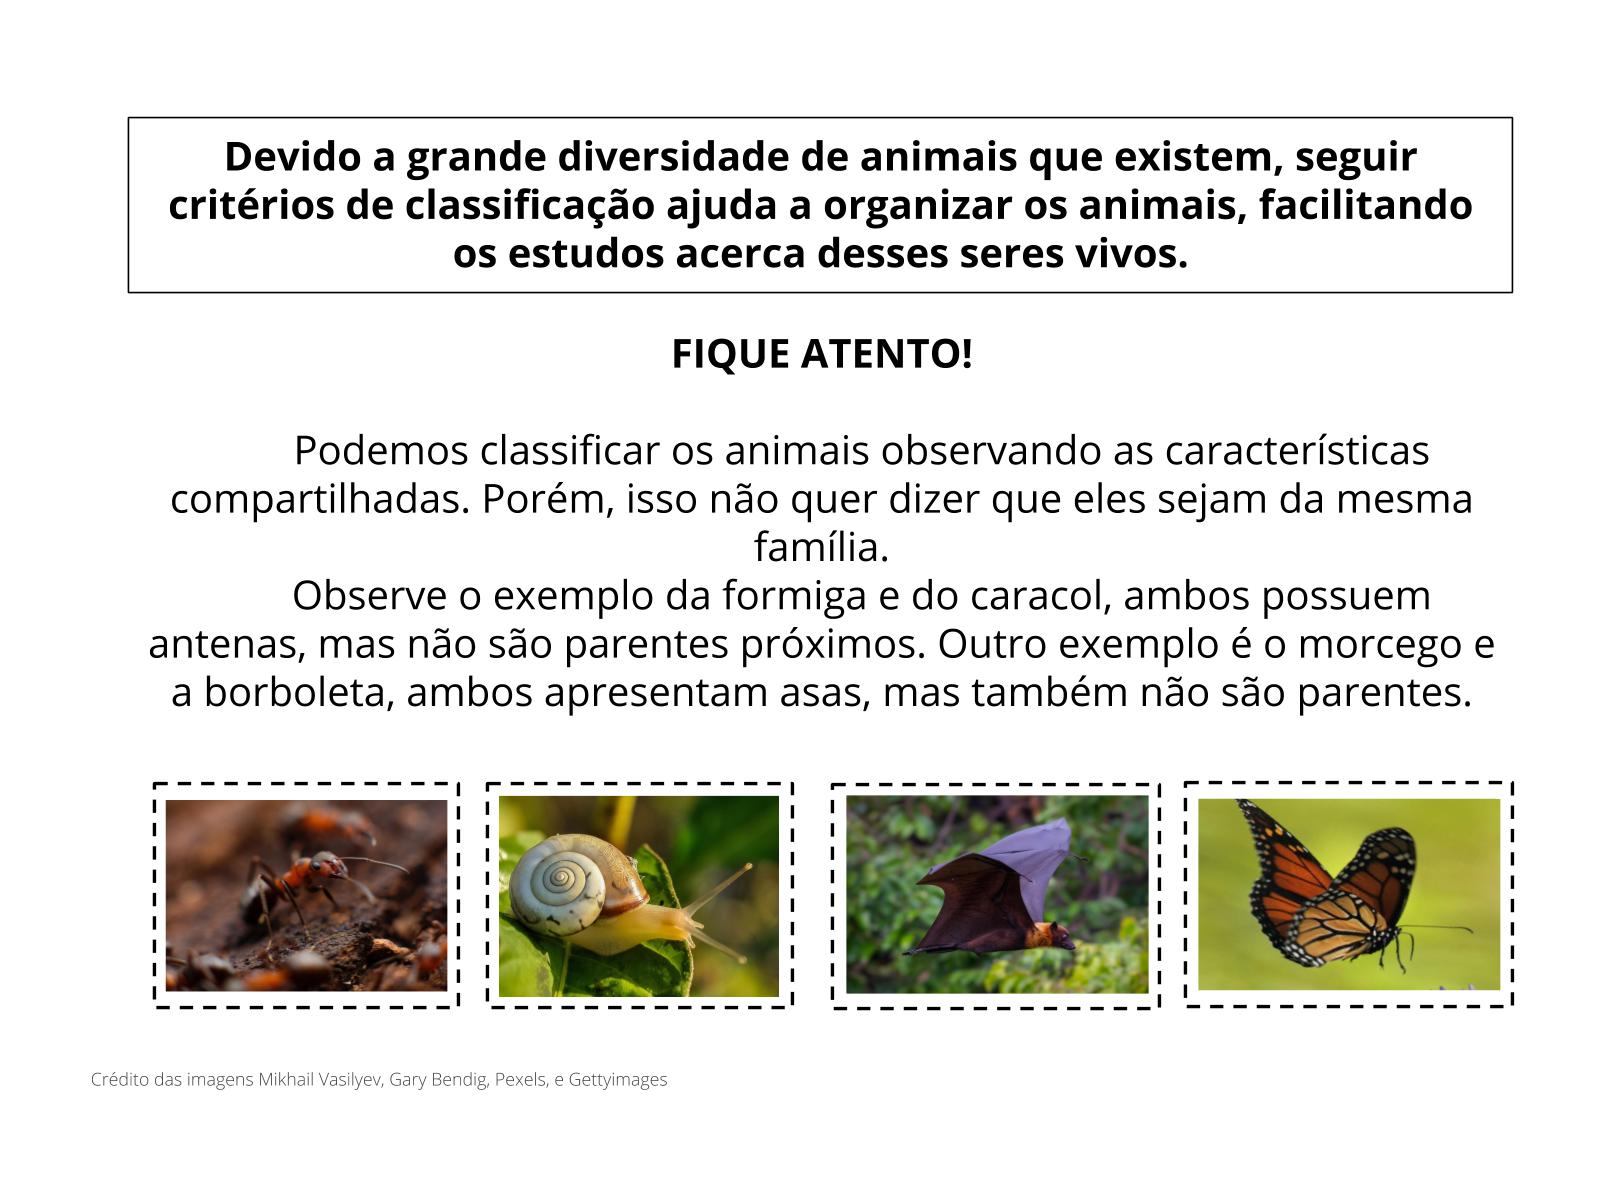 Os animais e suas características